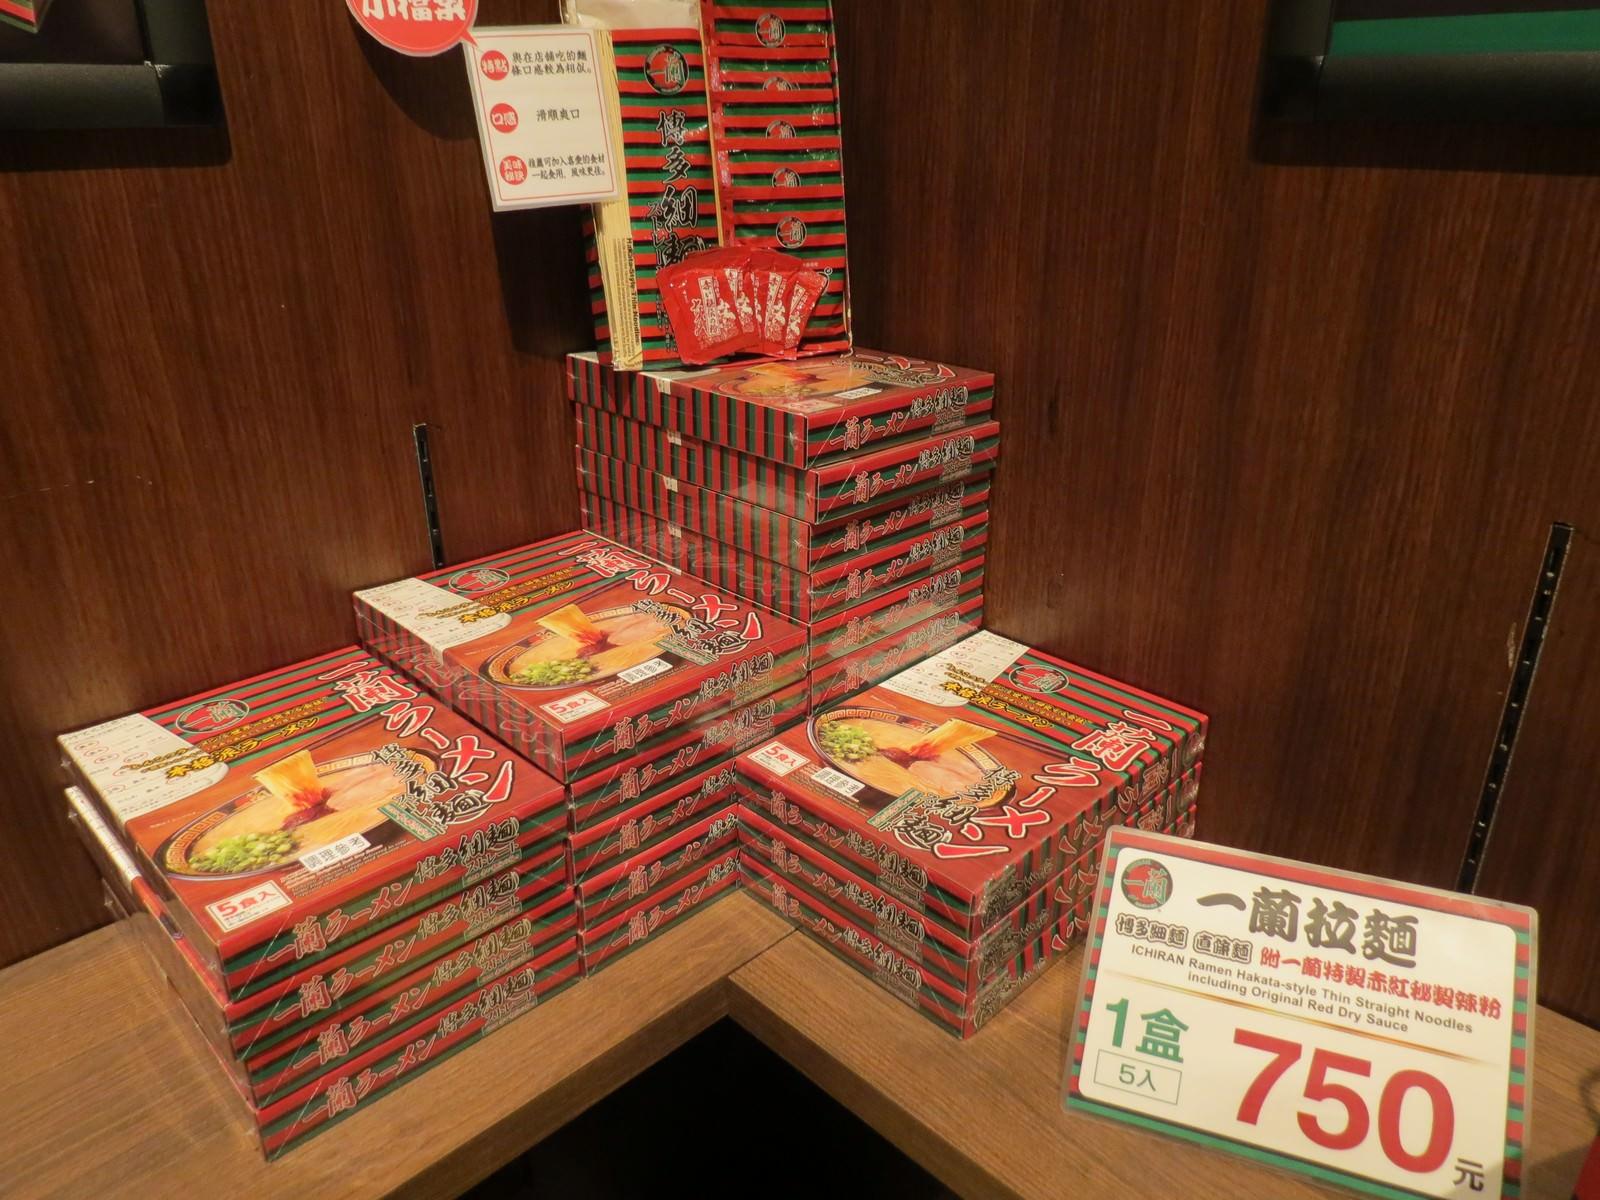 天然豚骨拉麵專門店一蘭@台灣台北本店, 販賣部